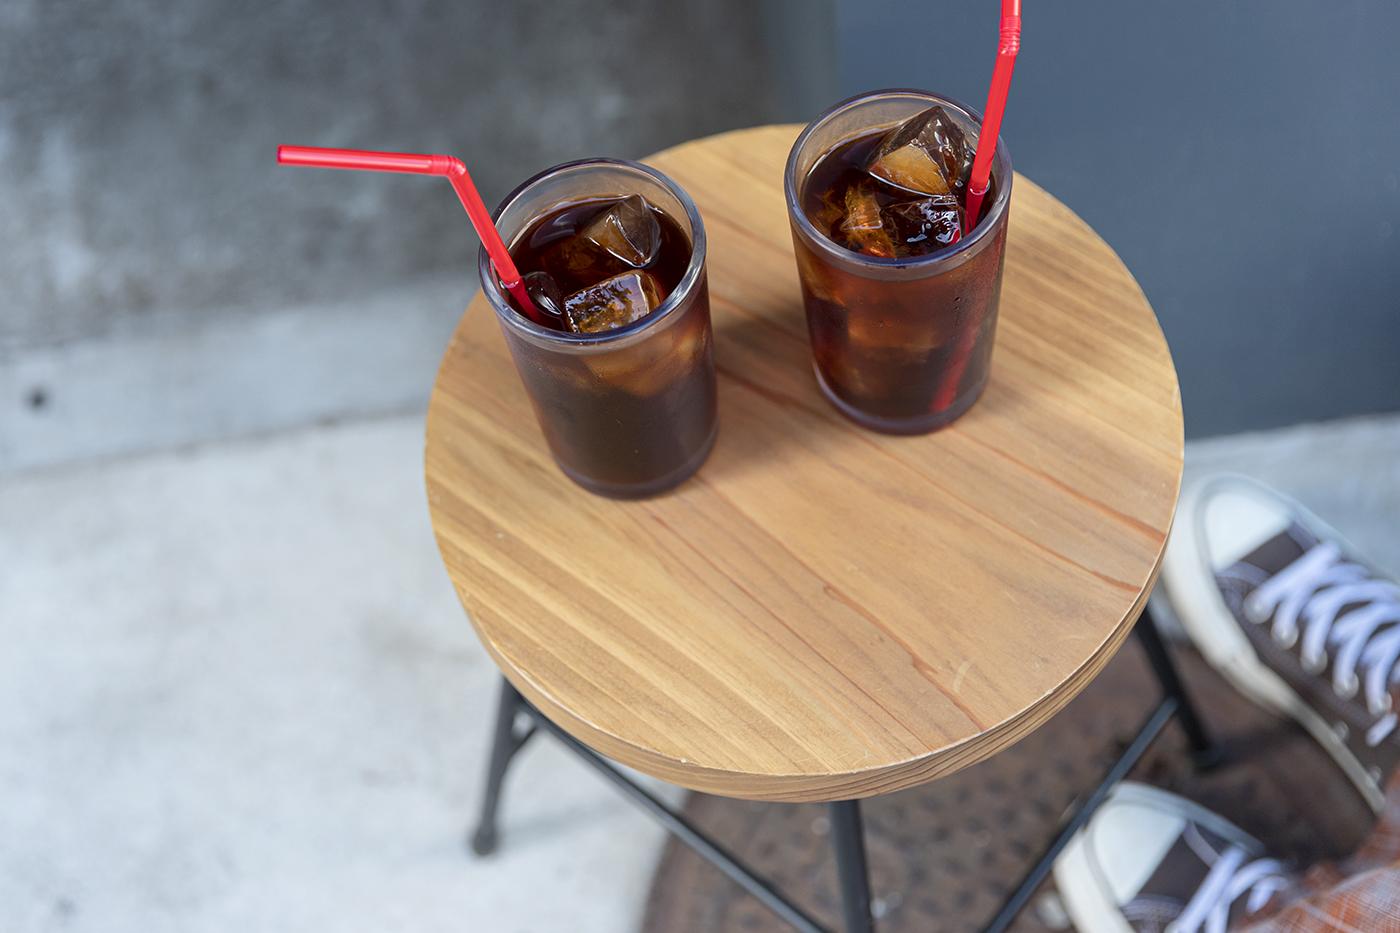 テーブルに置かれたアイスコーヒー。赤いストローが映える